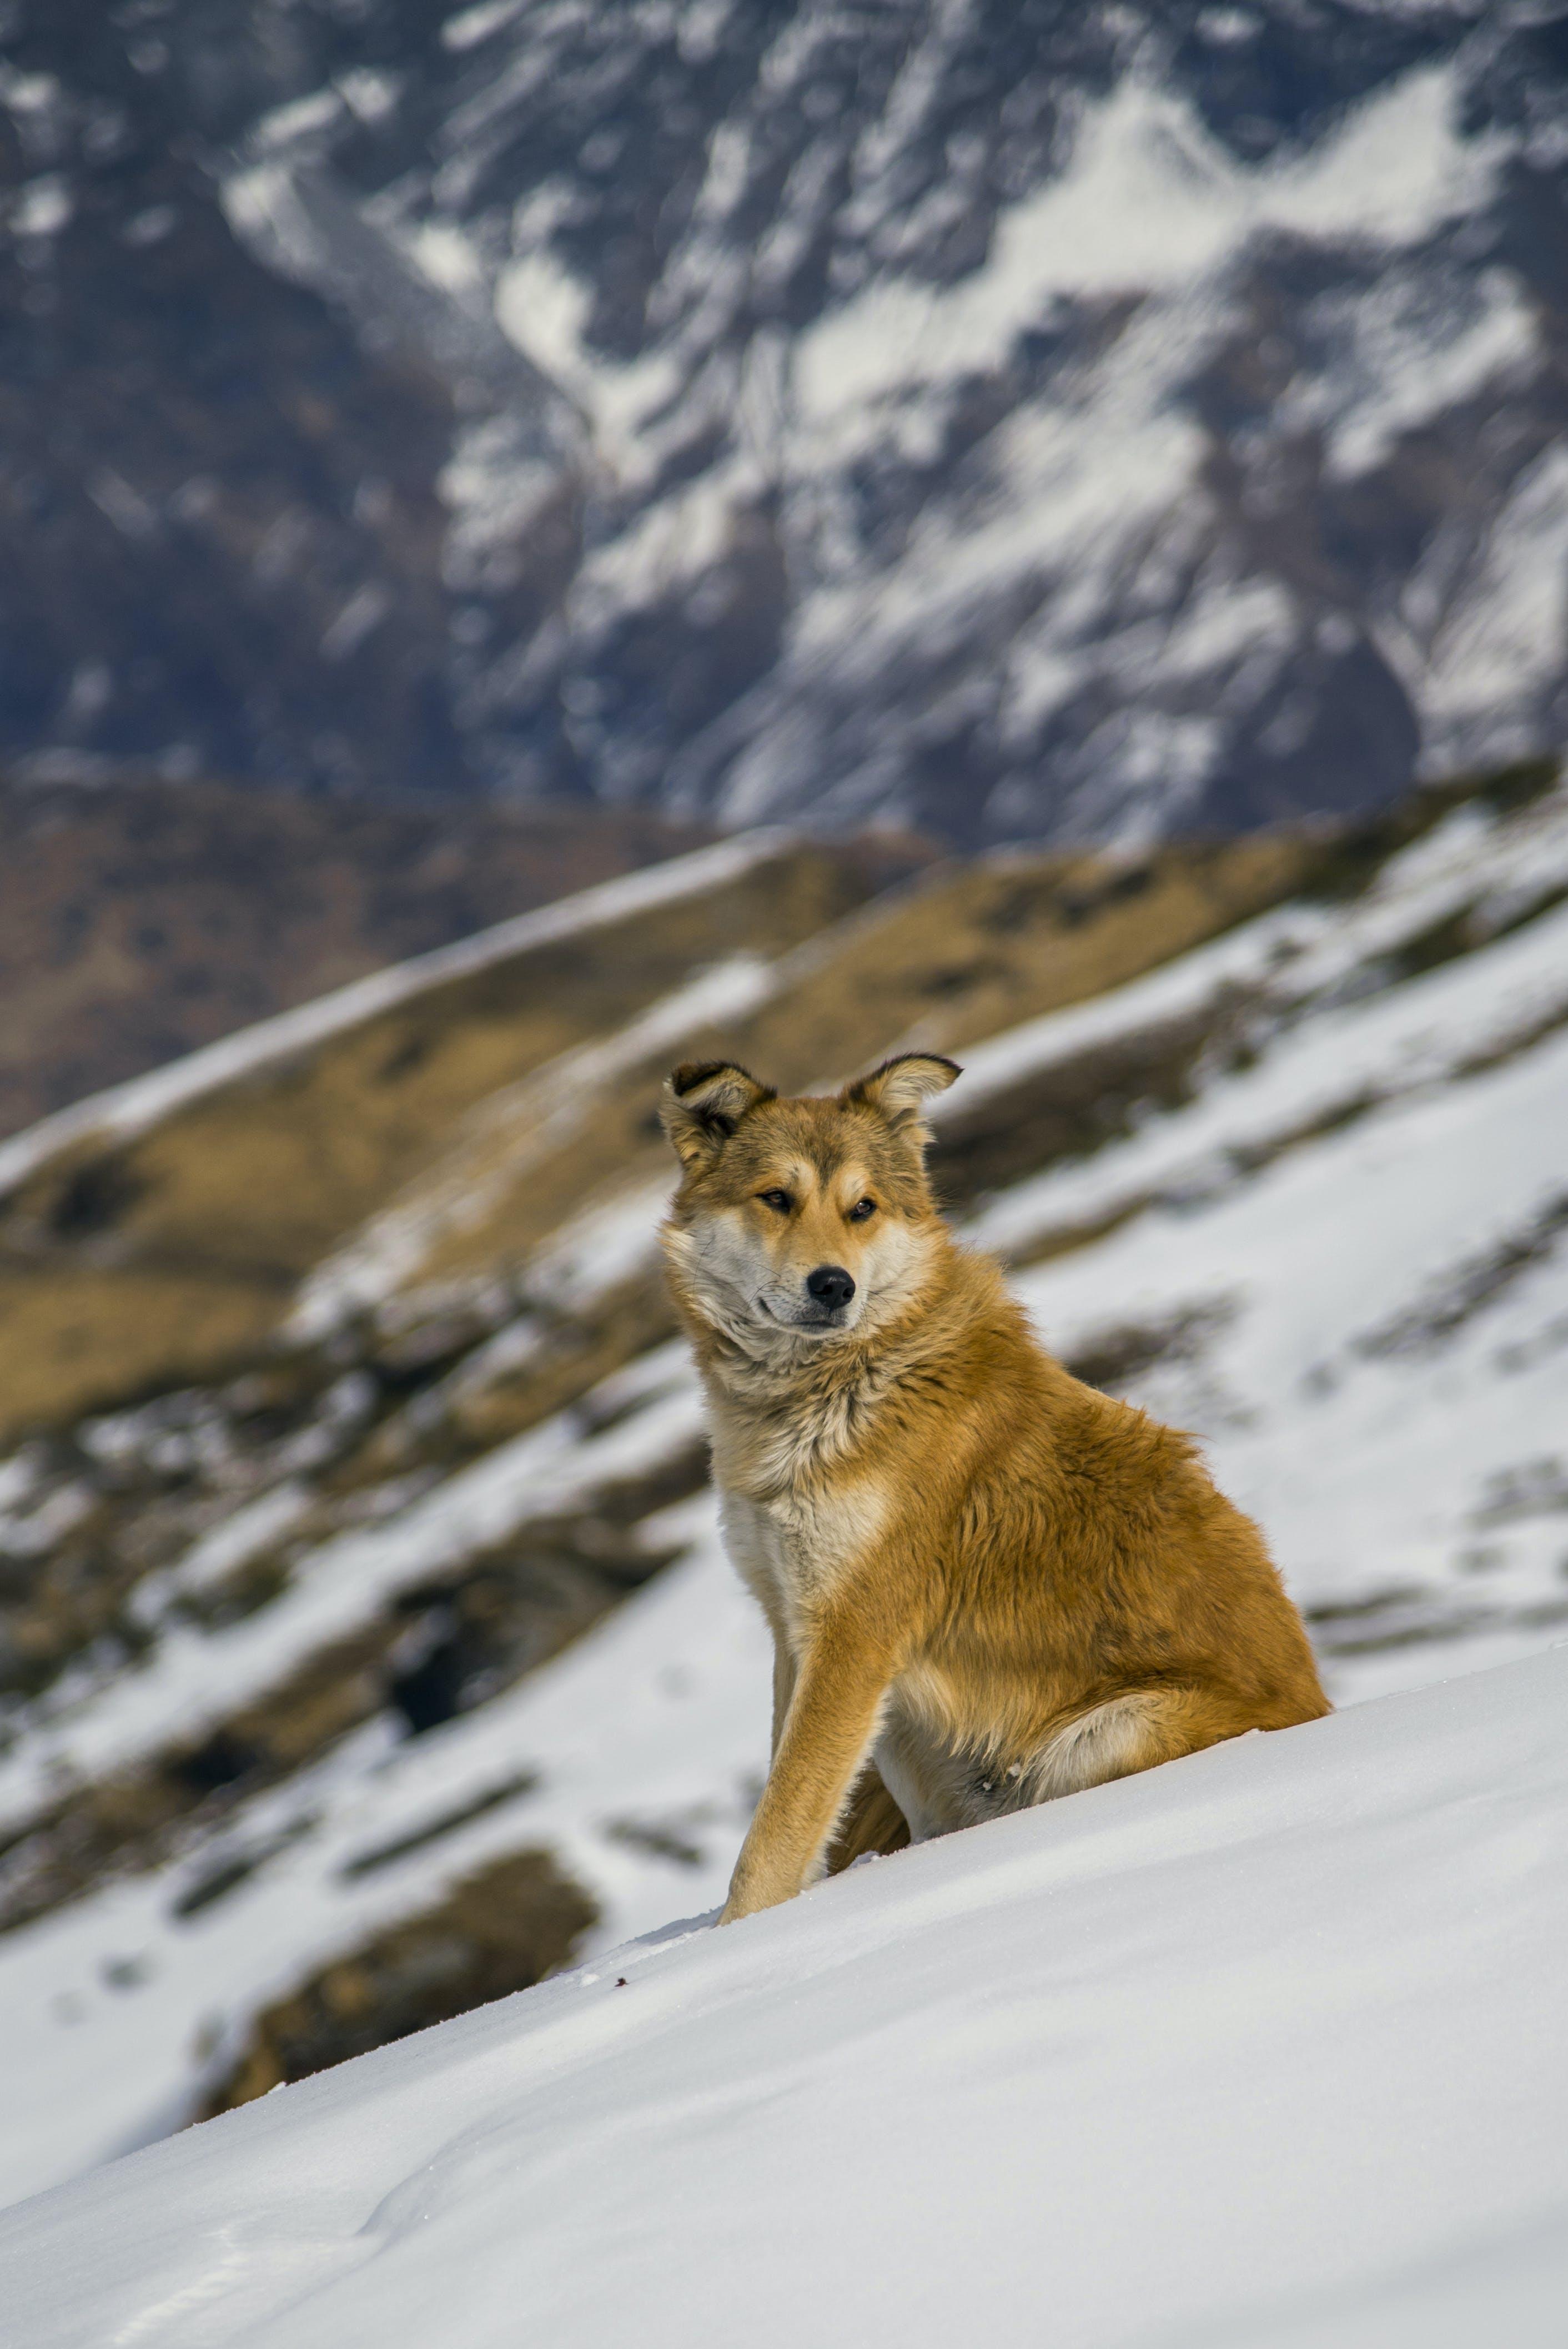 コールド, ペット, 冬, 動物の無料の写真素材